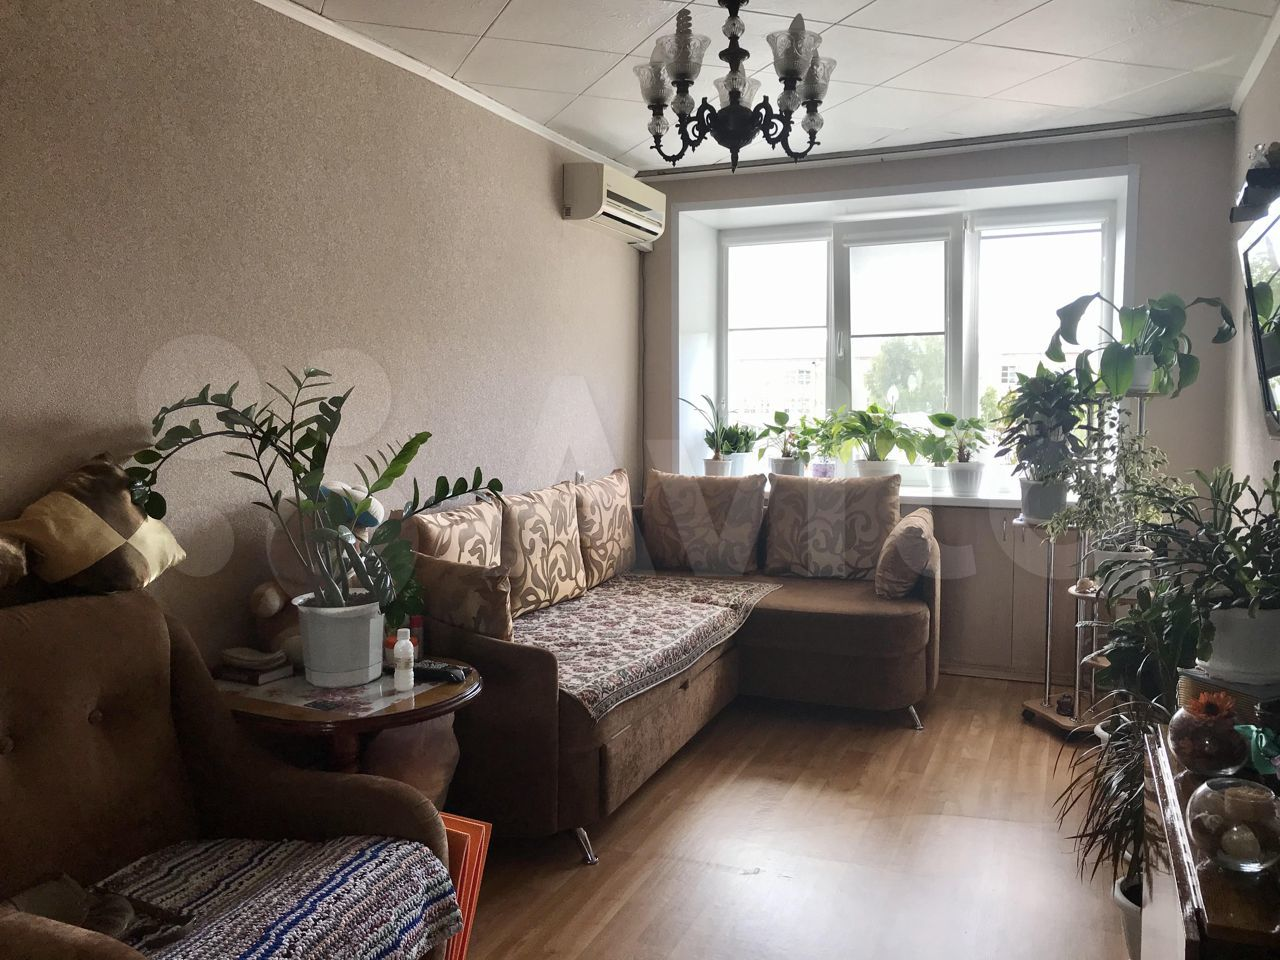 1-к квартира, 36.4 м², 5/5 эт.  89276814990 купить 3